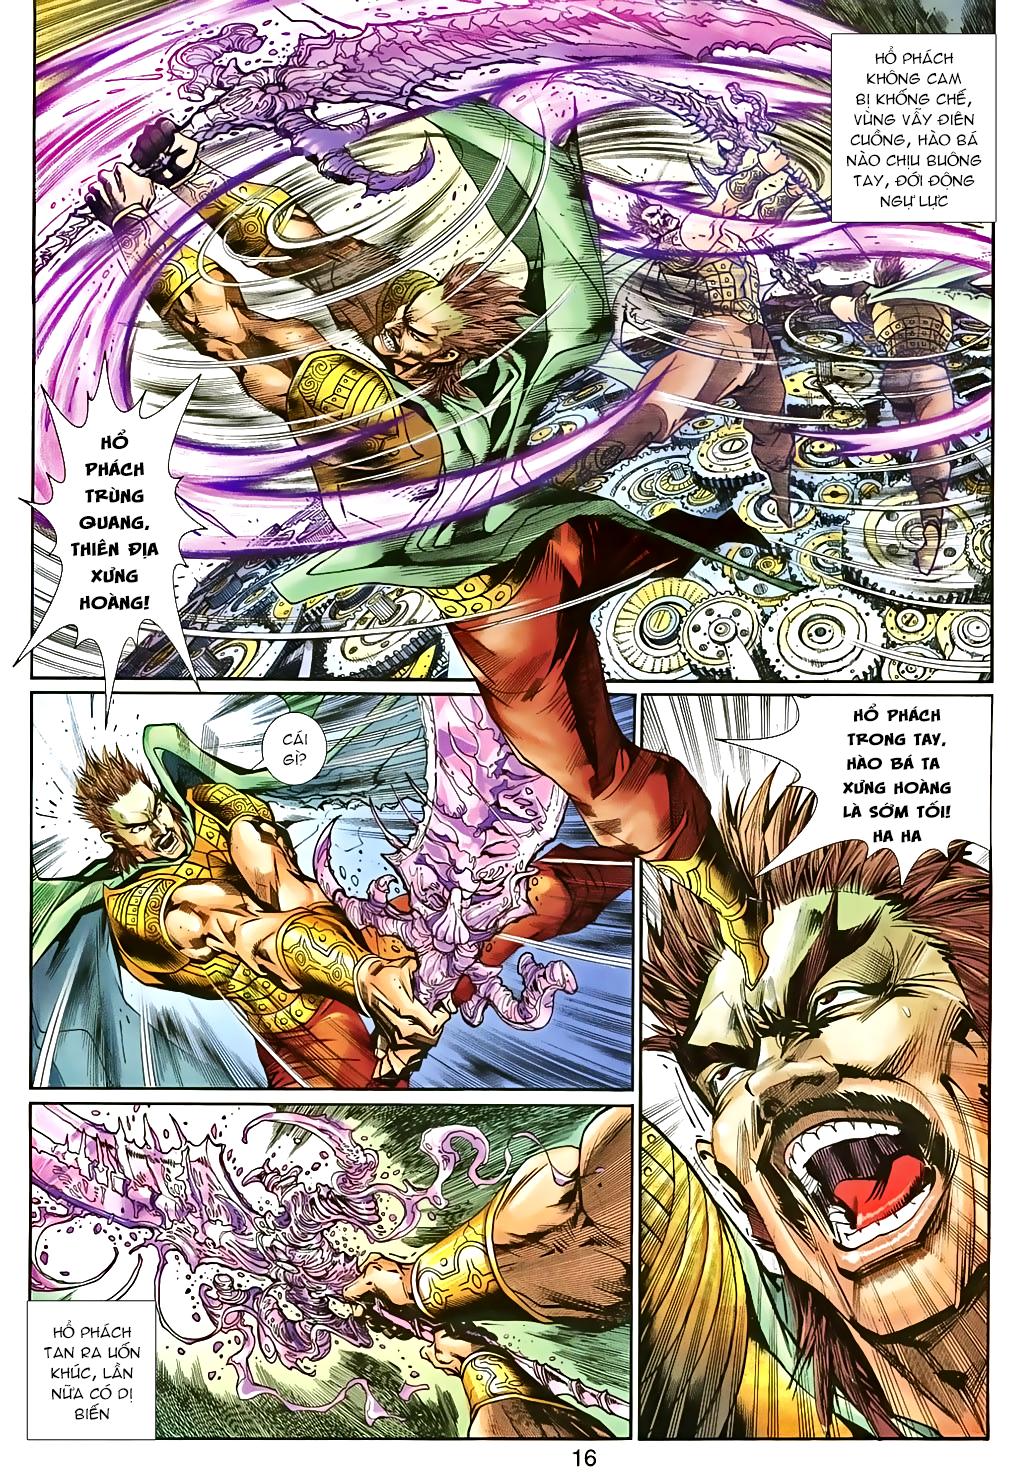 Thần binh huyền kỳ 3 - 3.5 tập 81 - 15